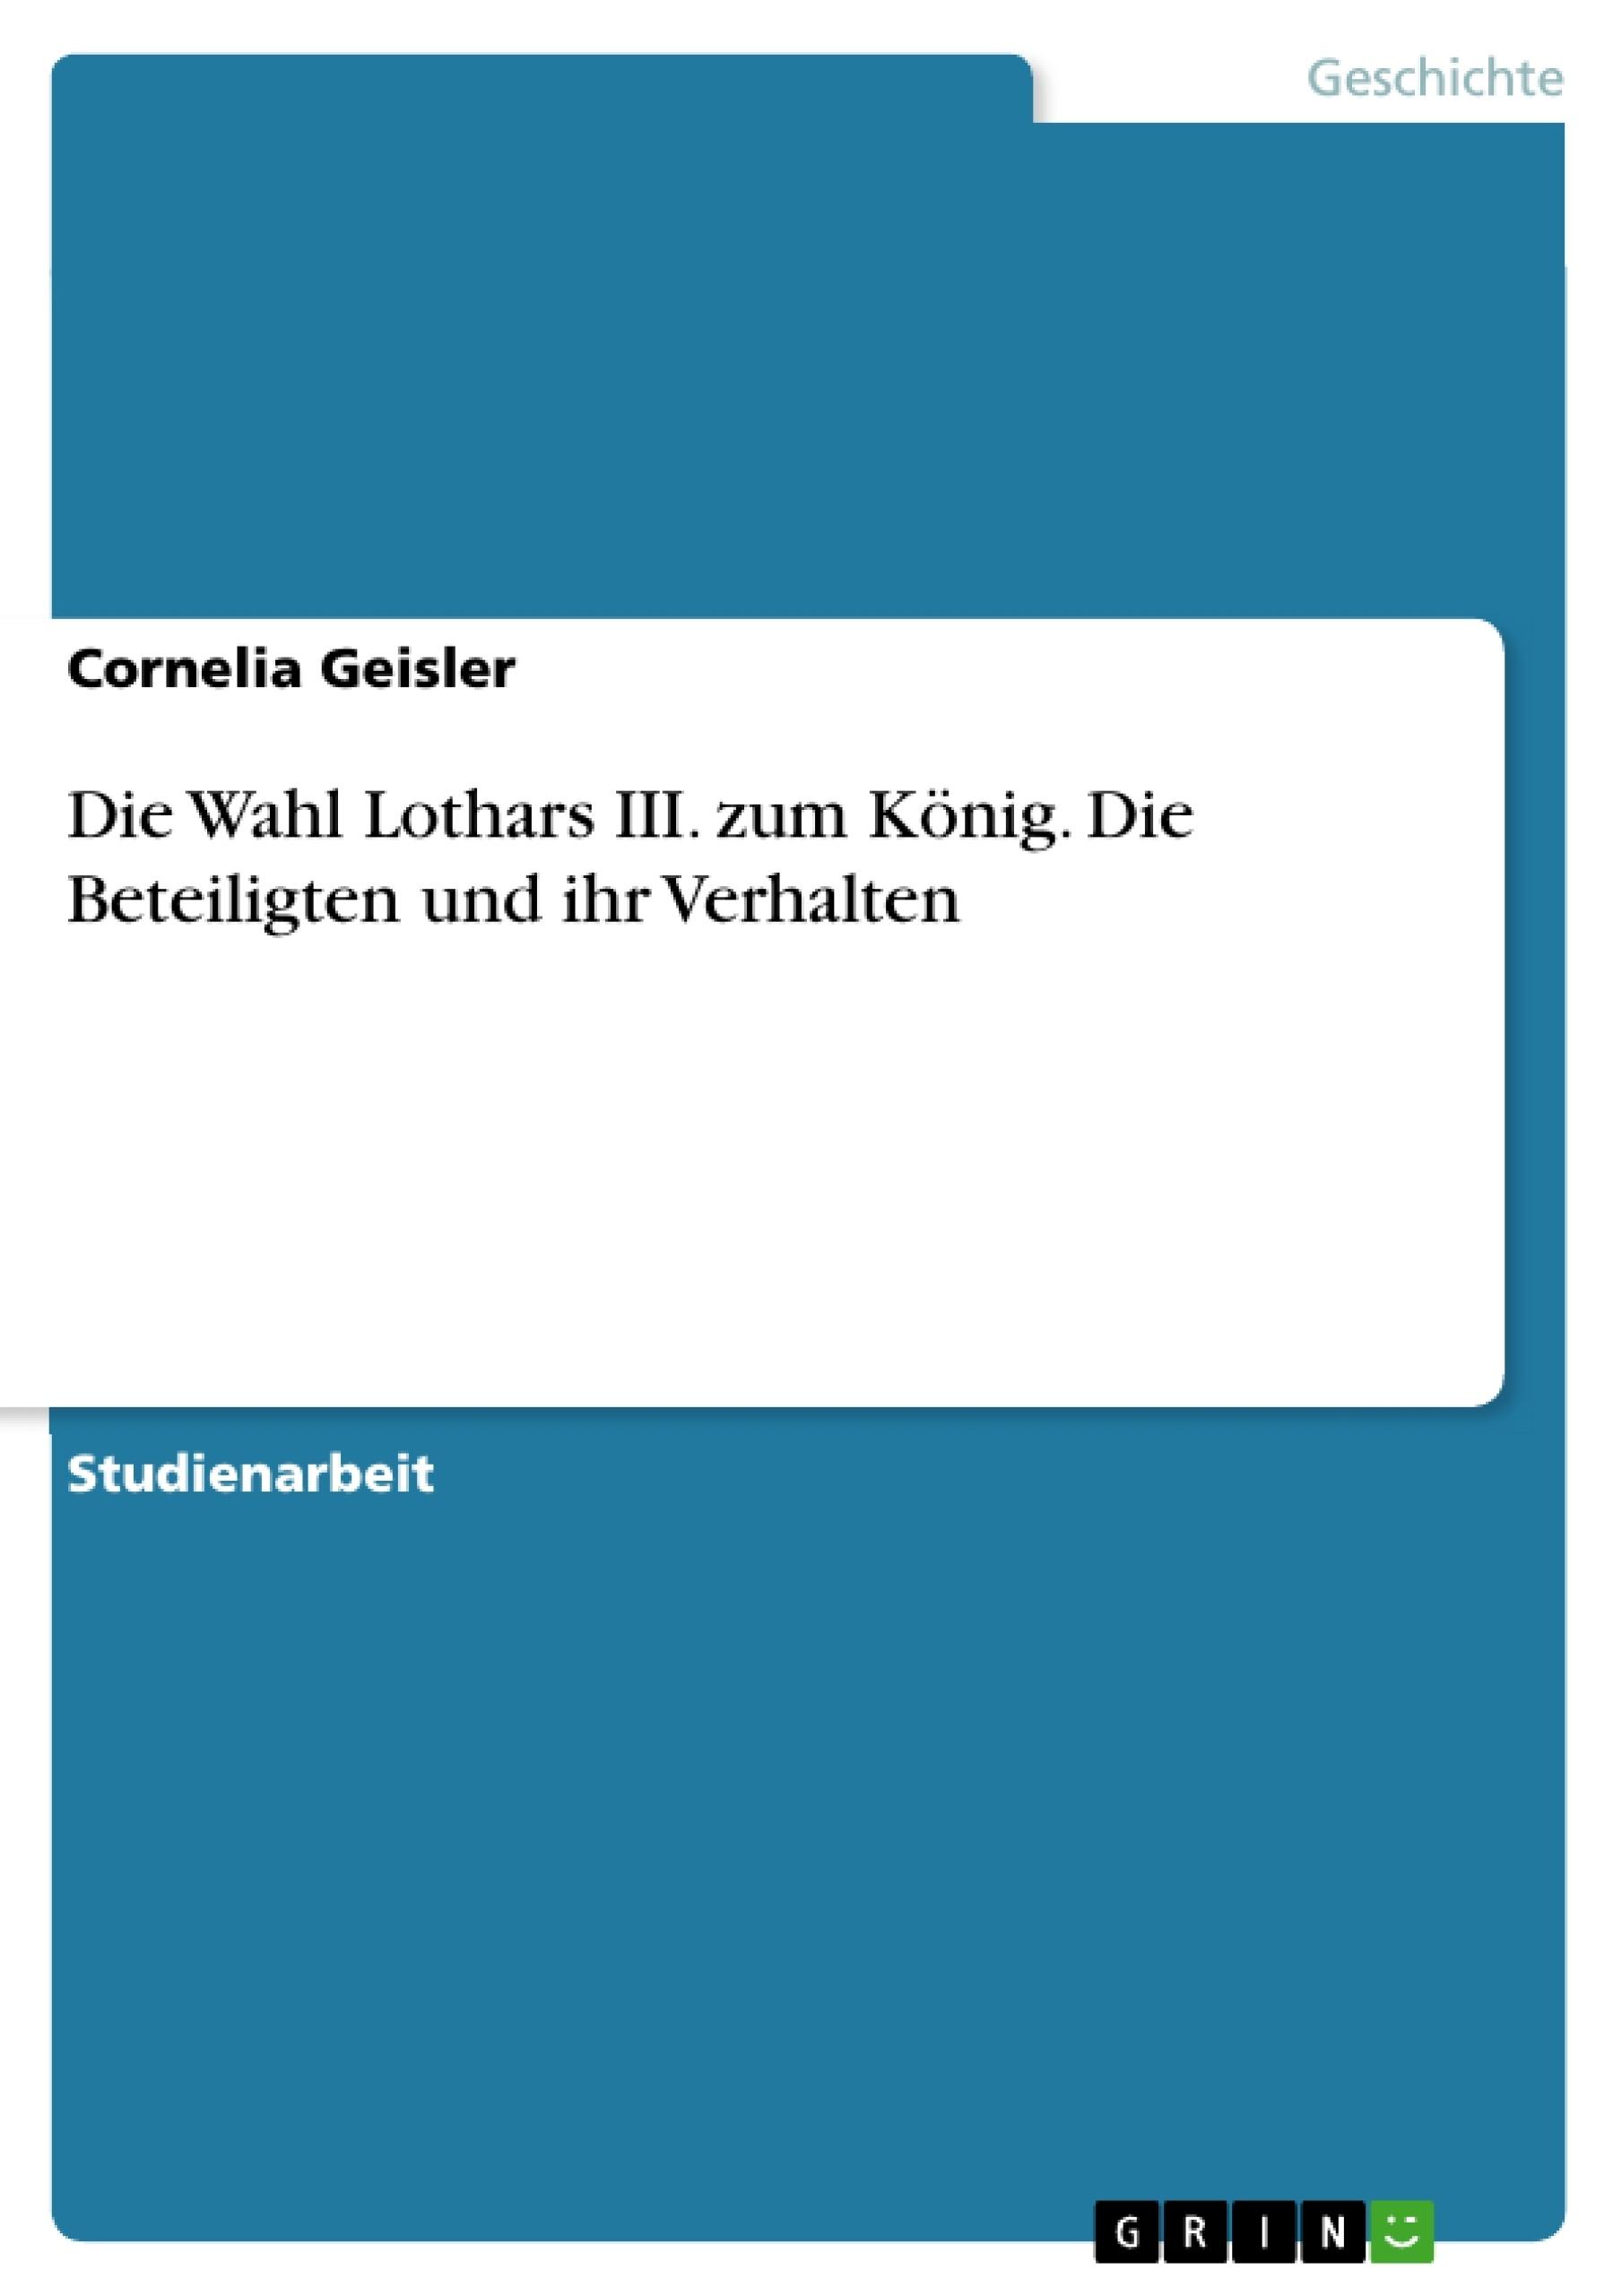 Titel: Die Wahl Lothars III. zum König. Die Beteiligten und ihr Verhalten